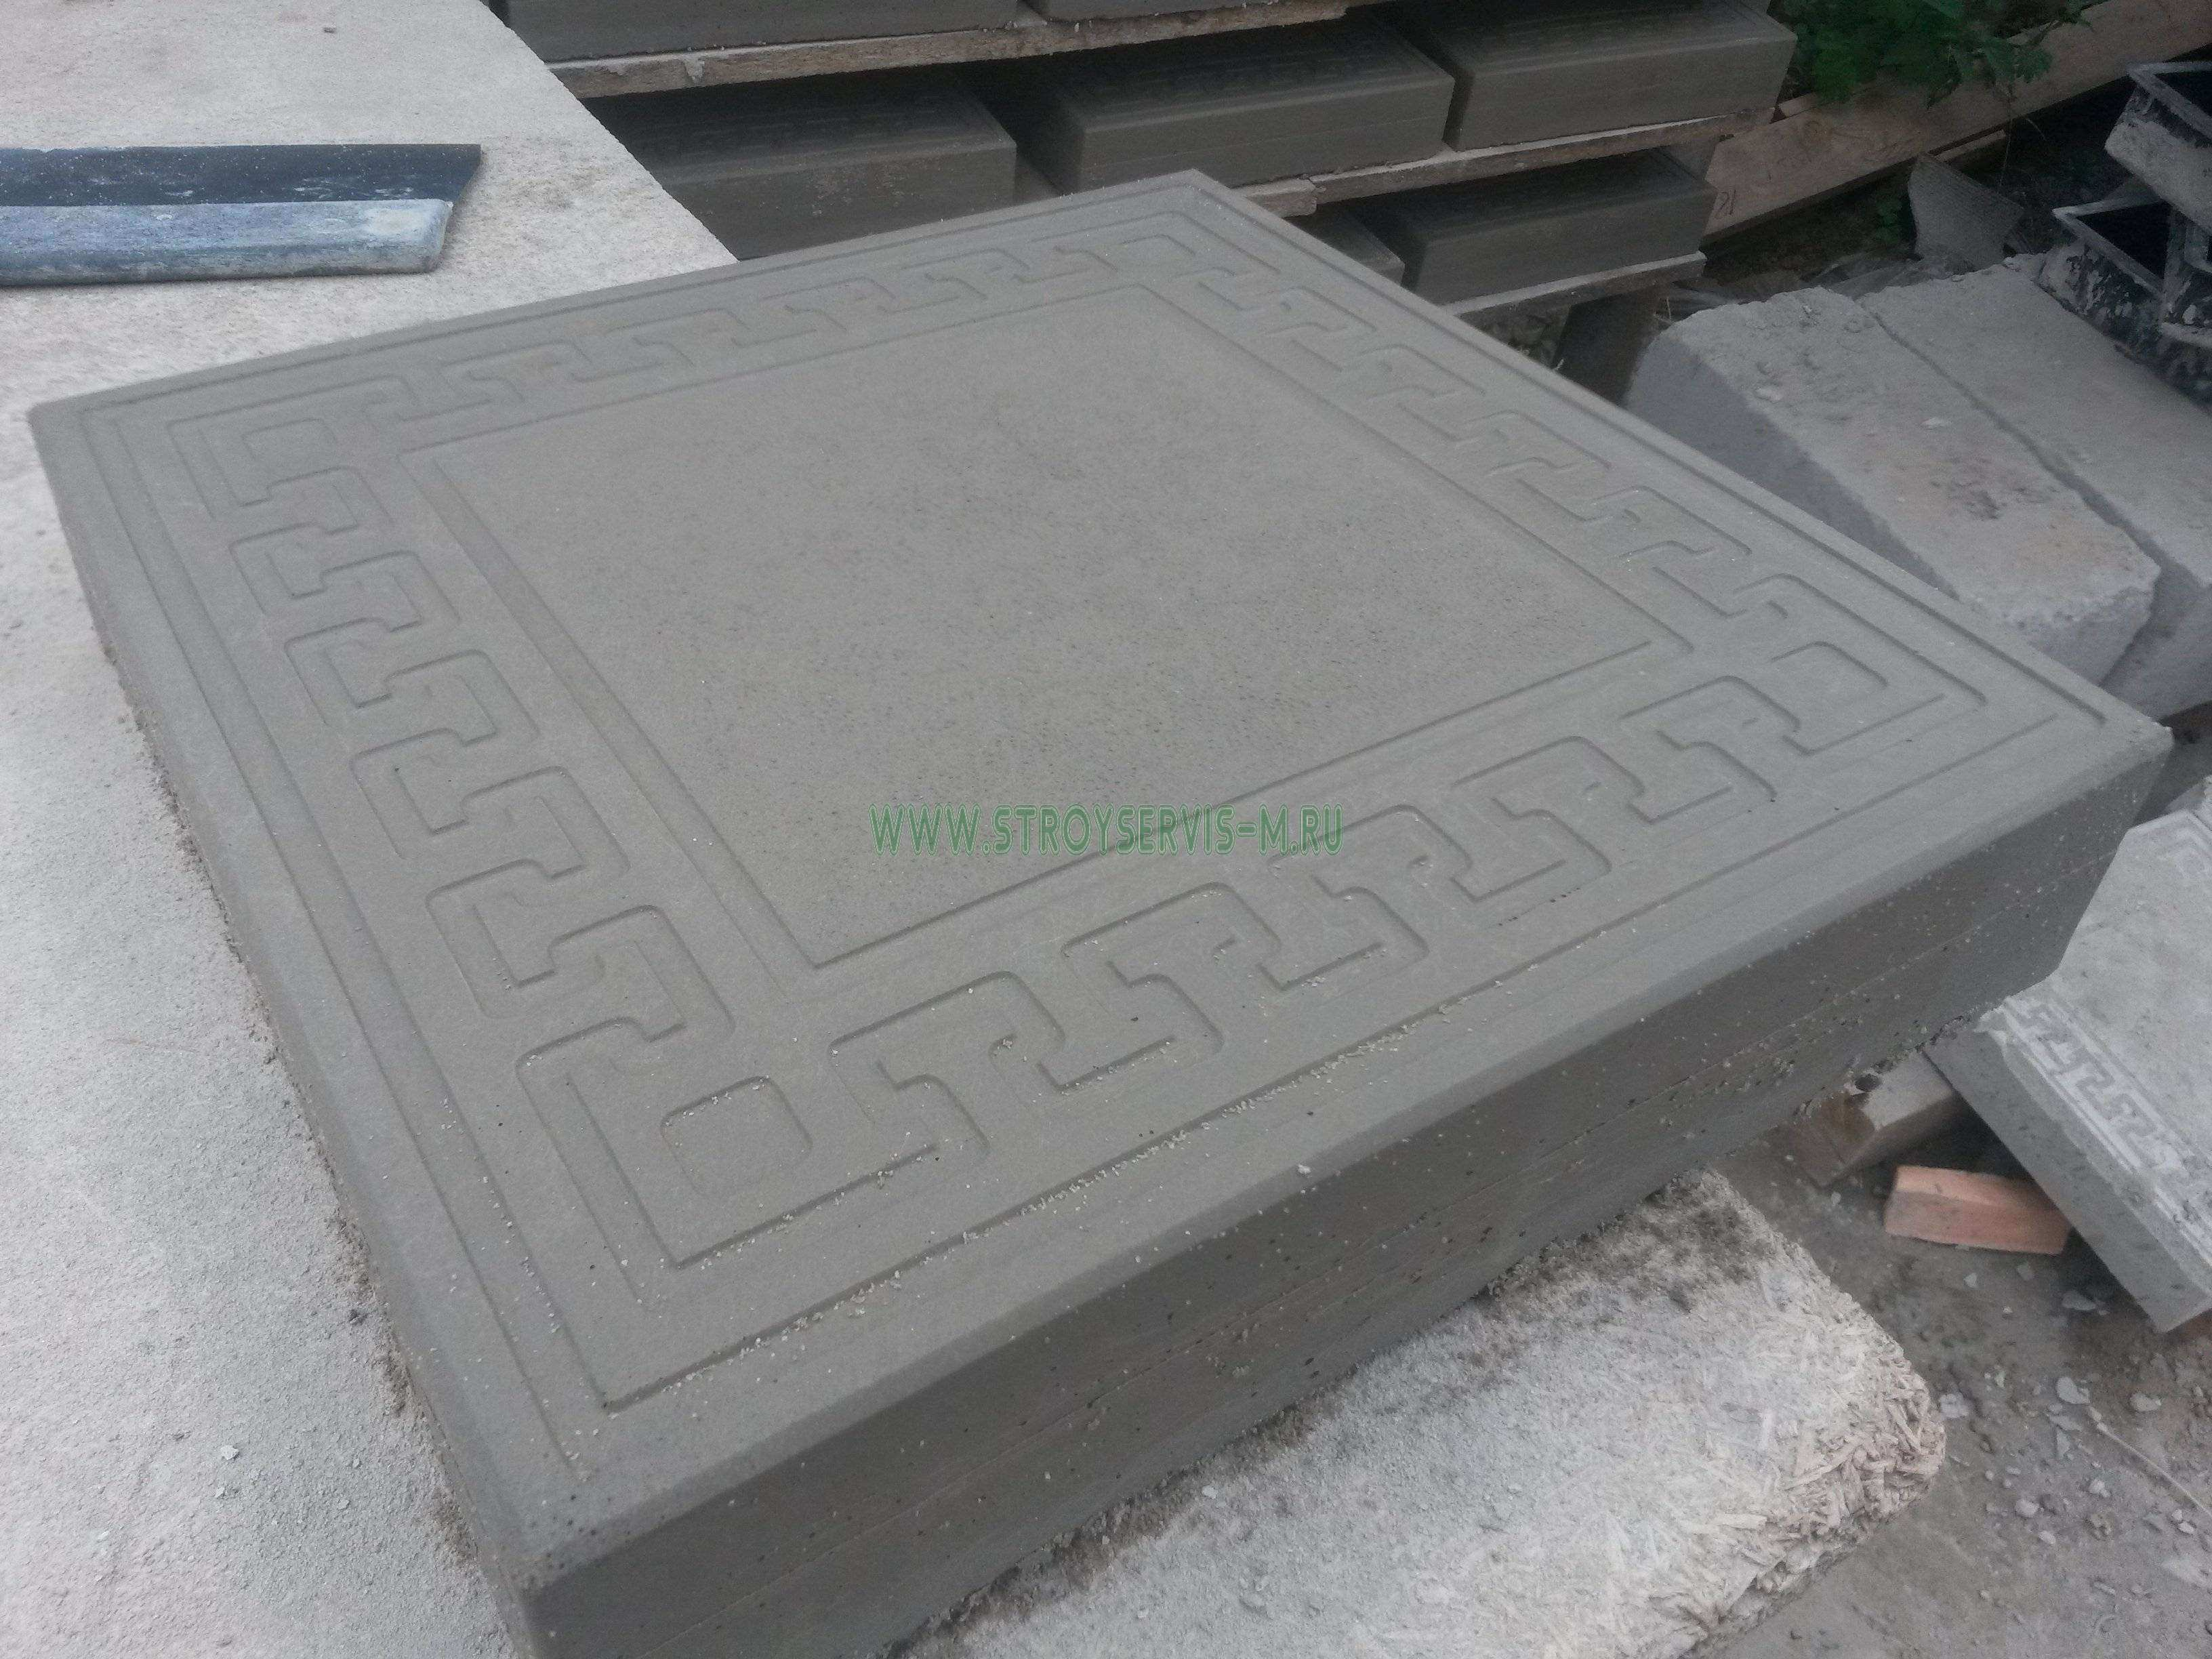 Плитка «Готика» Размер 300С…300С…45 РјРј. Р' 1 Рј2 - 11 шт. Стоимость указана Р·Р° 1 шт.. Тротуарная плитка - Цена, Стоимость - 43 руб.(доставка по всей России)